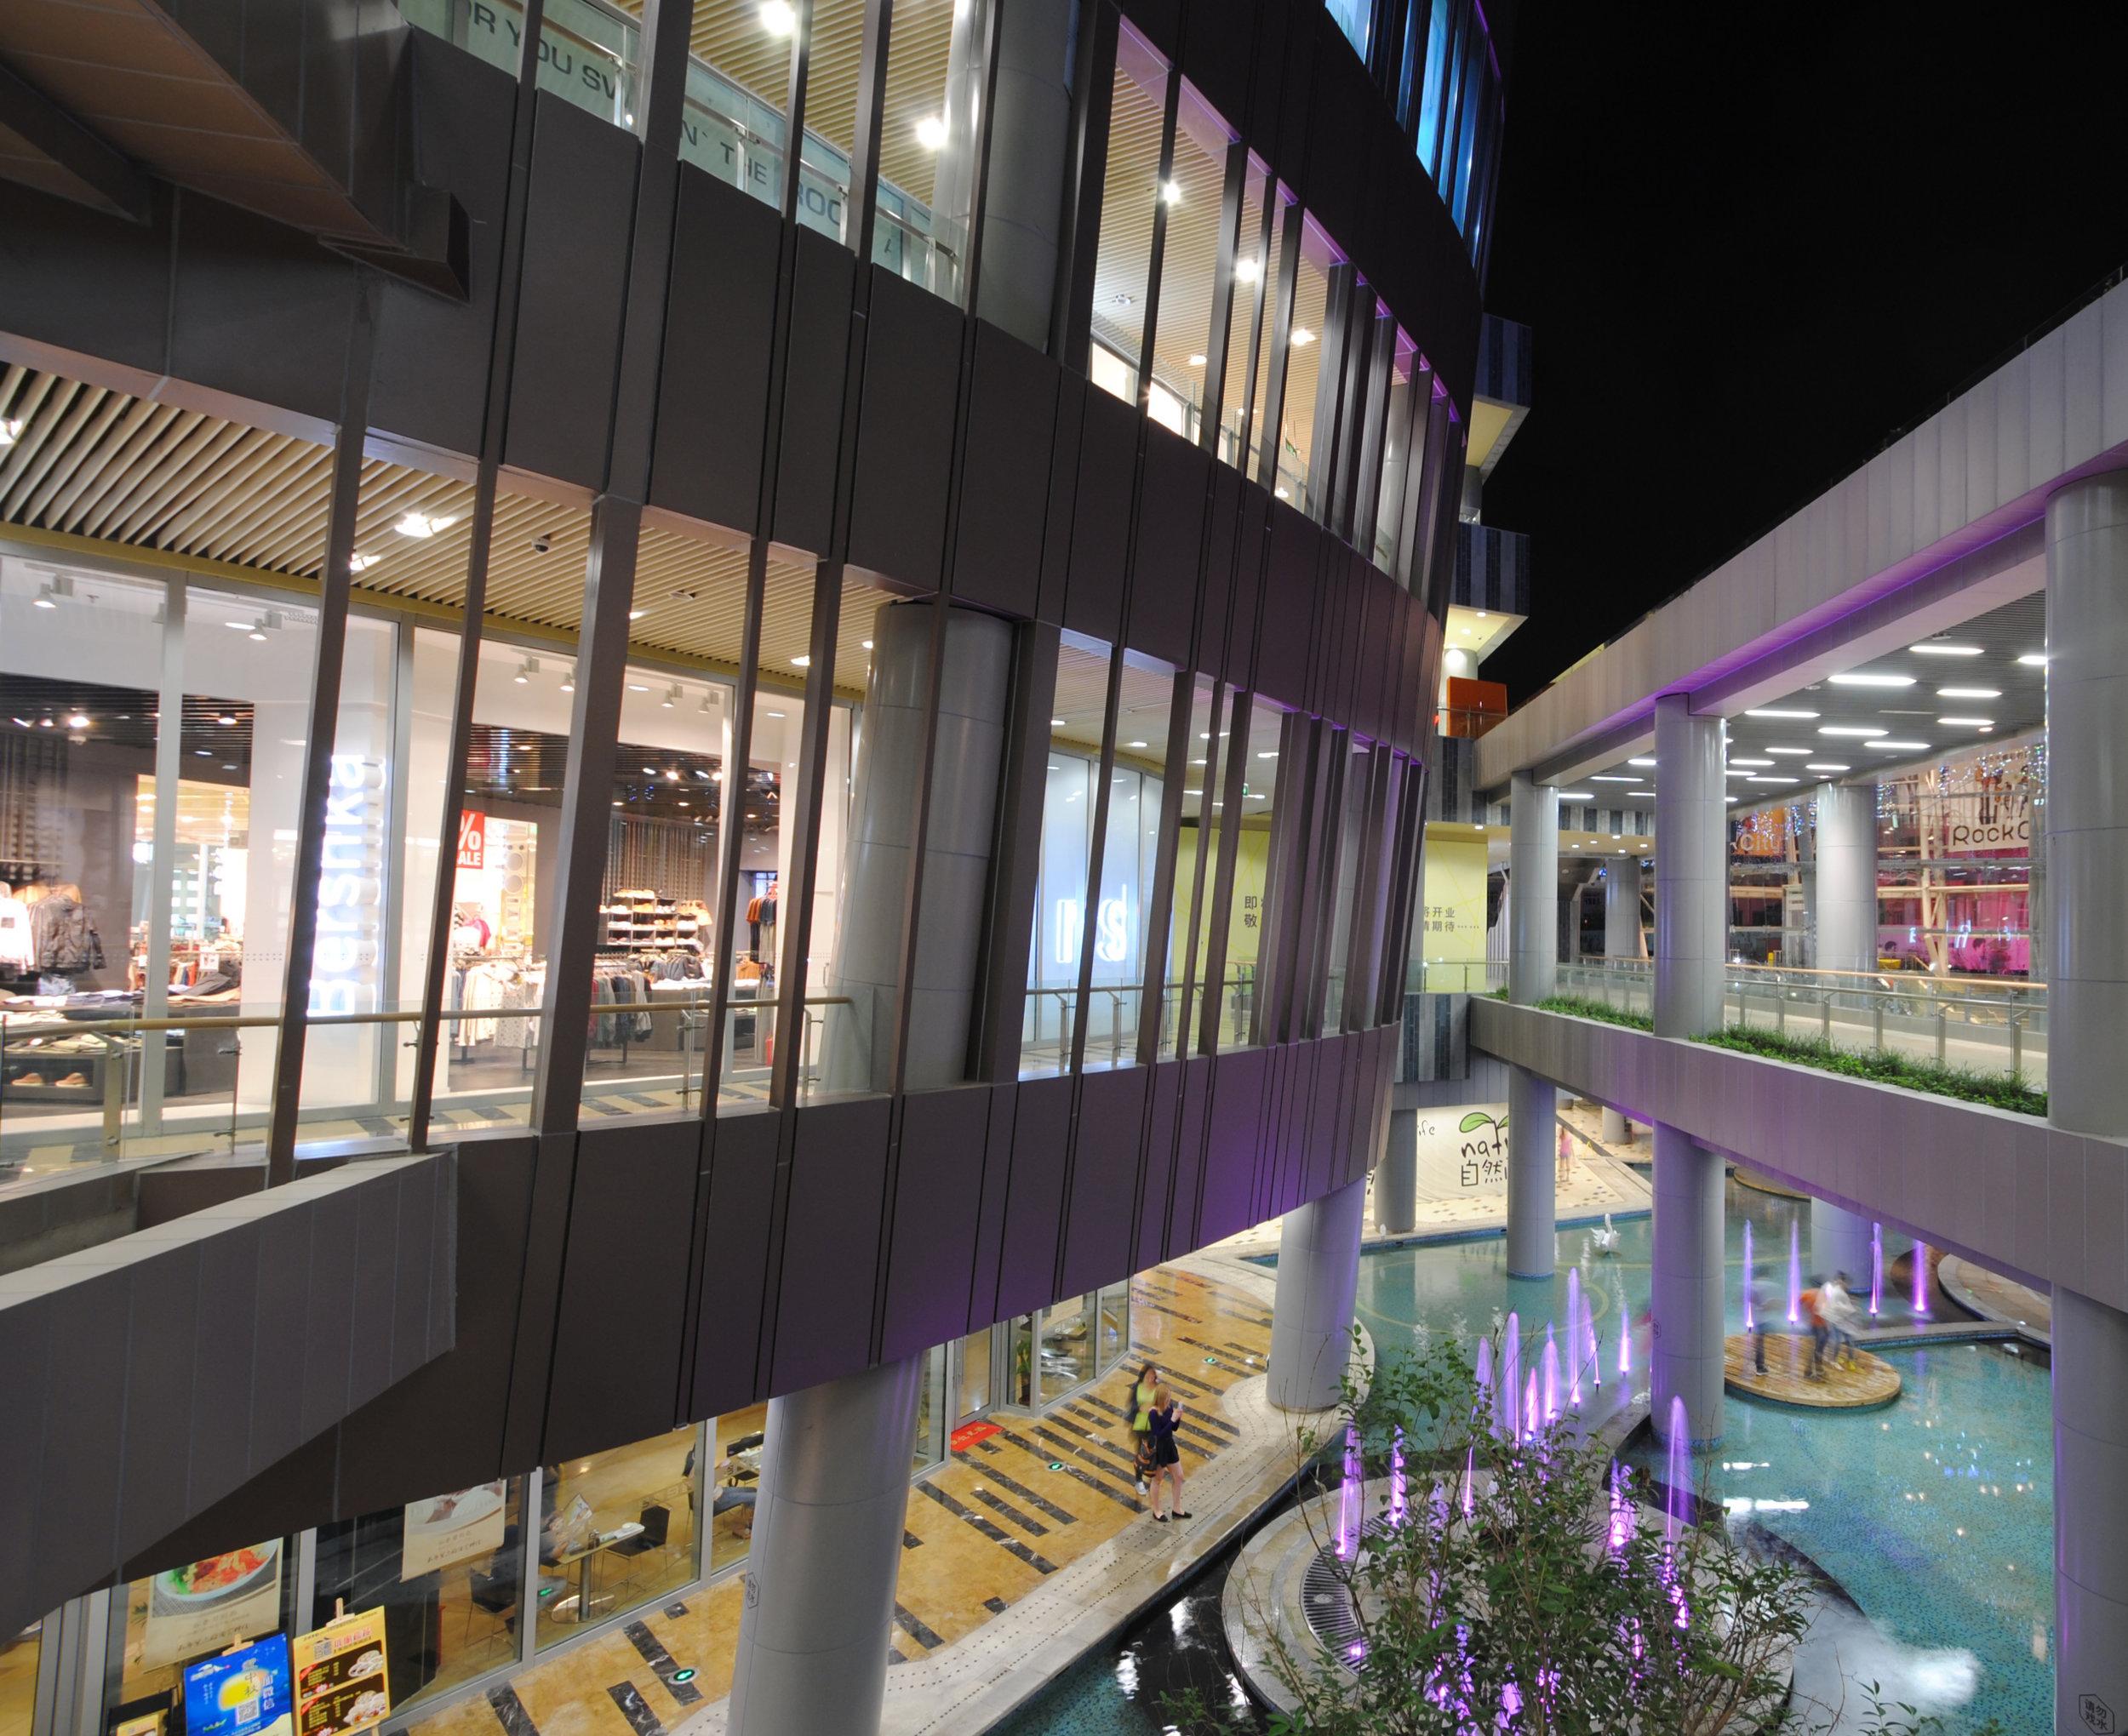 QINGDAO ROCK CITY - QINGDAO, CHINA